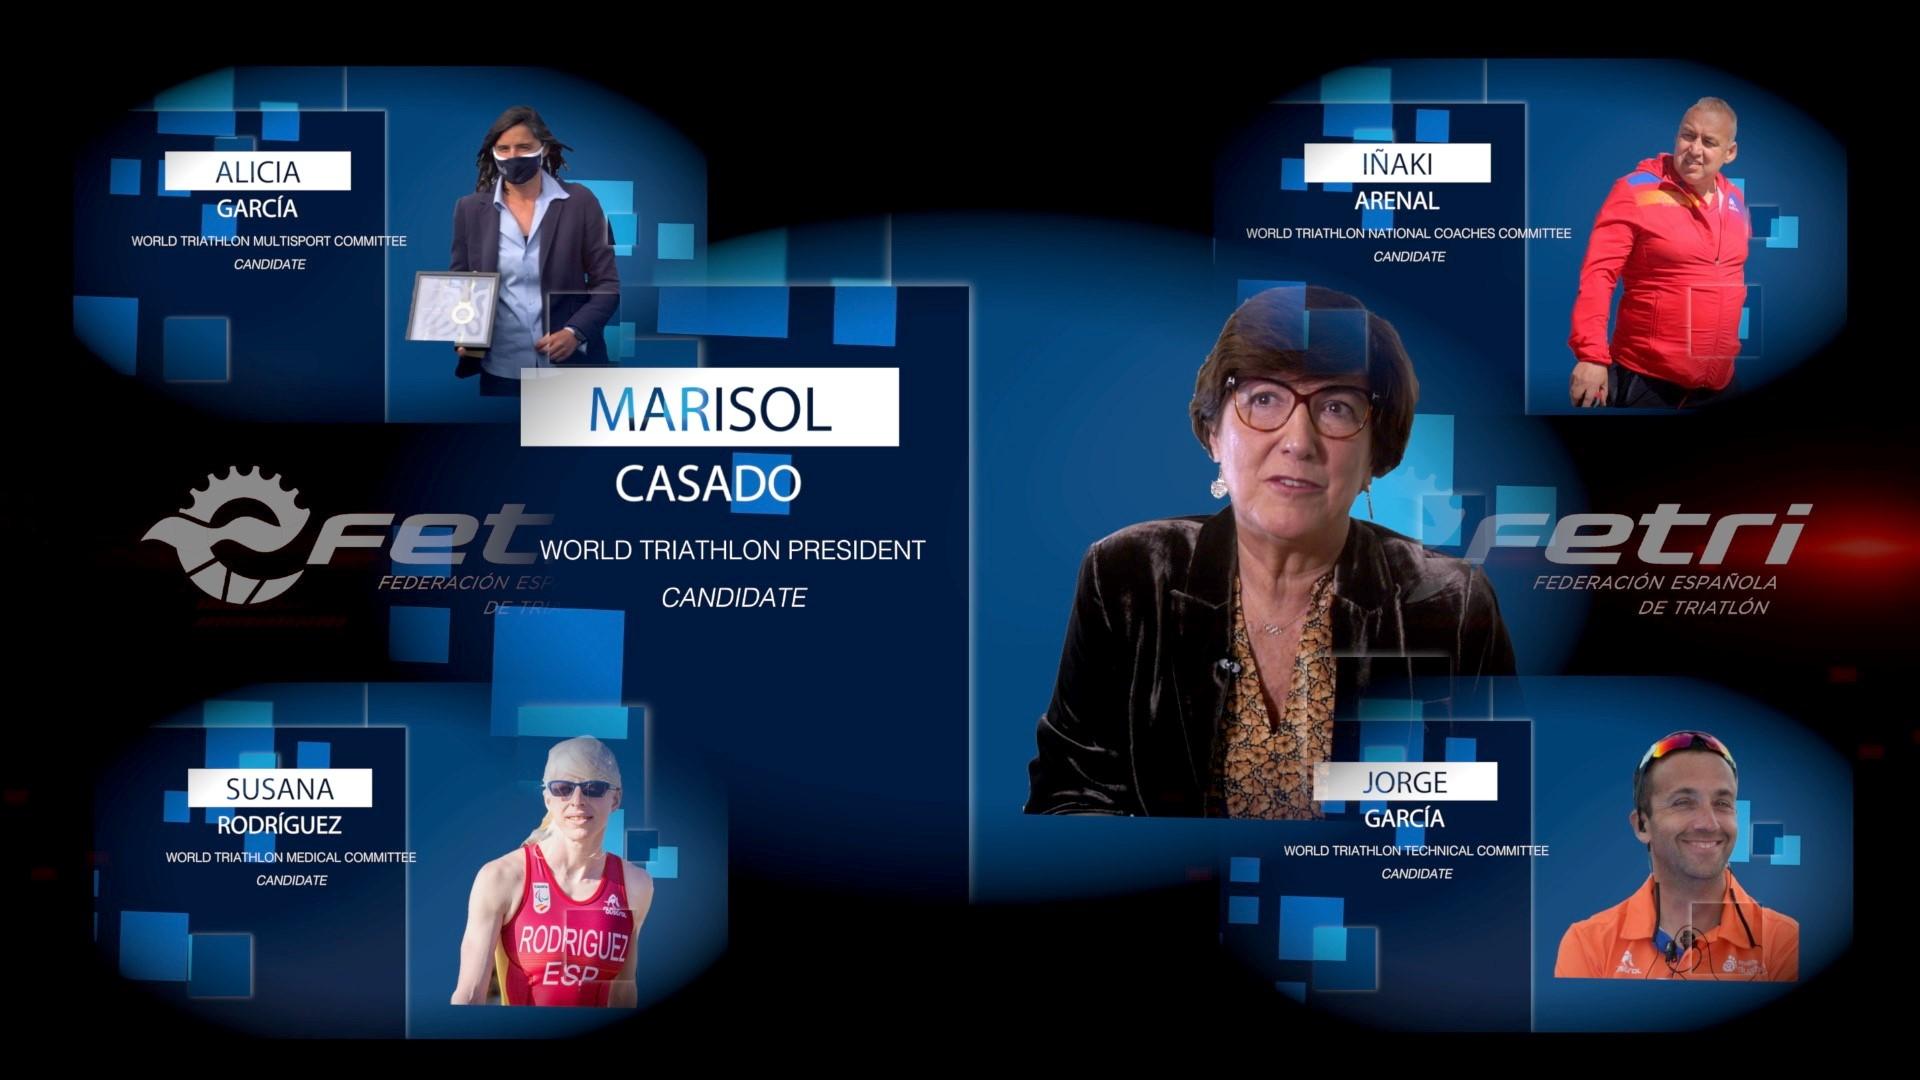 Candidatura España Elecciones World Triathlon 2020 – Marisol Casado